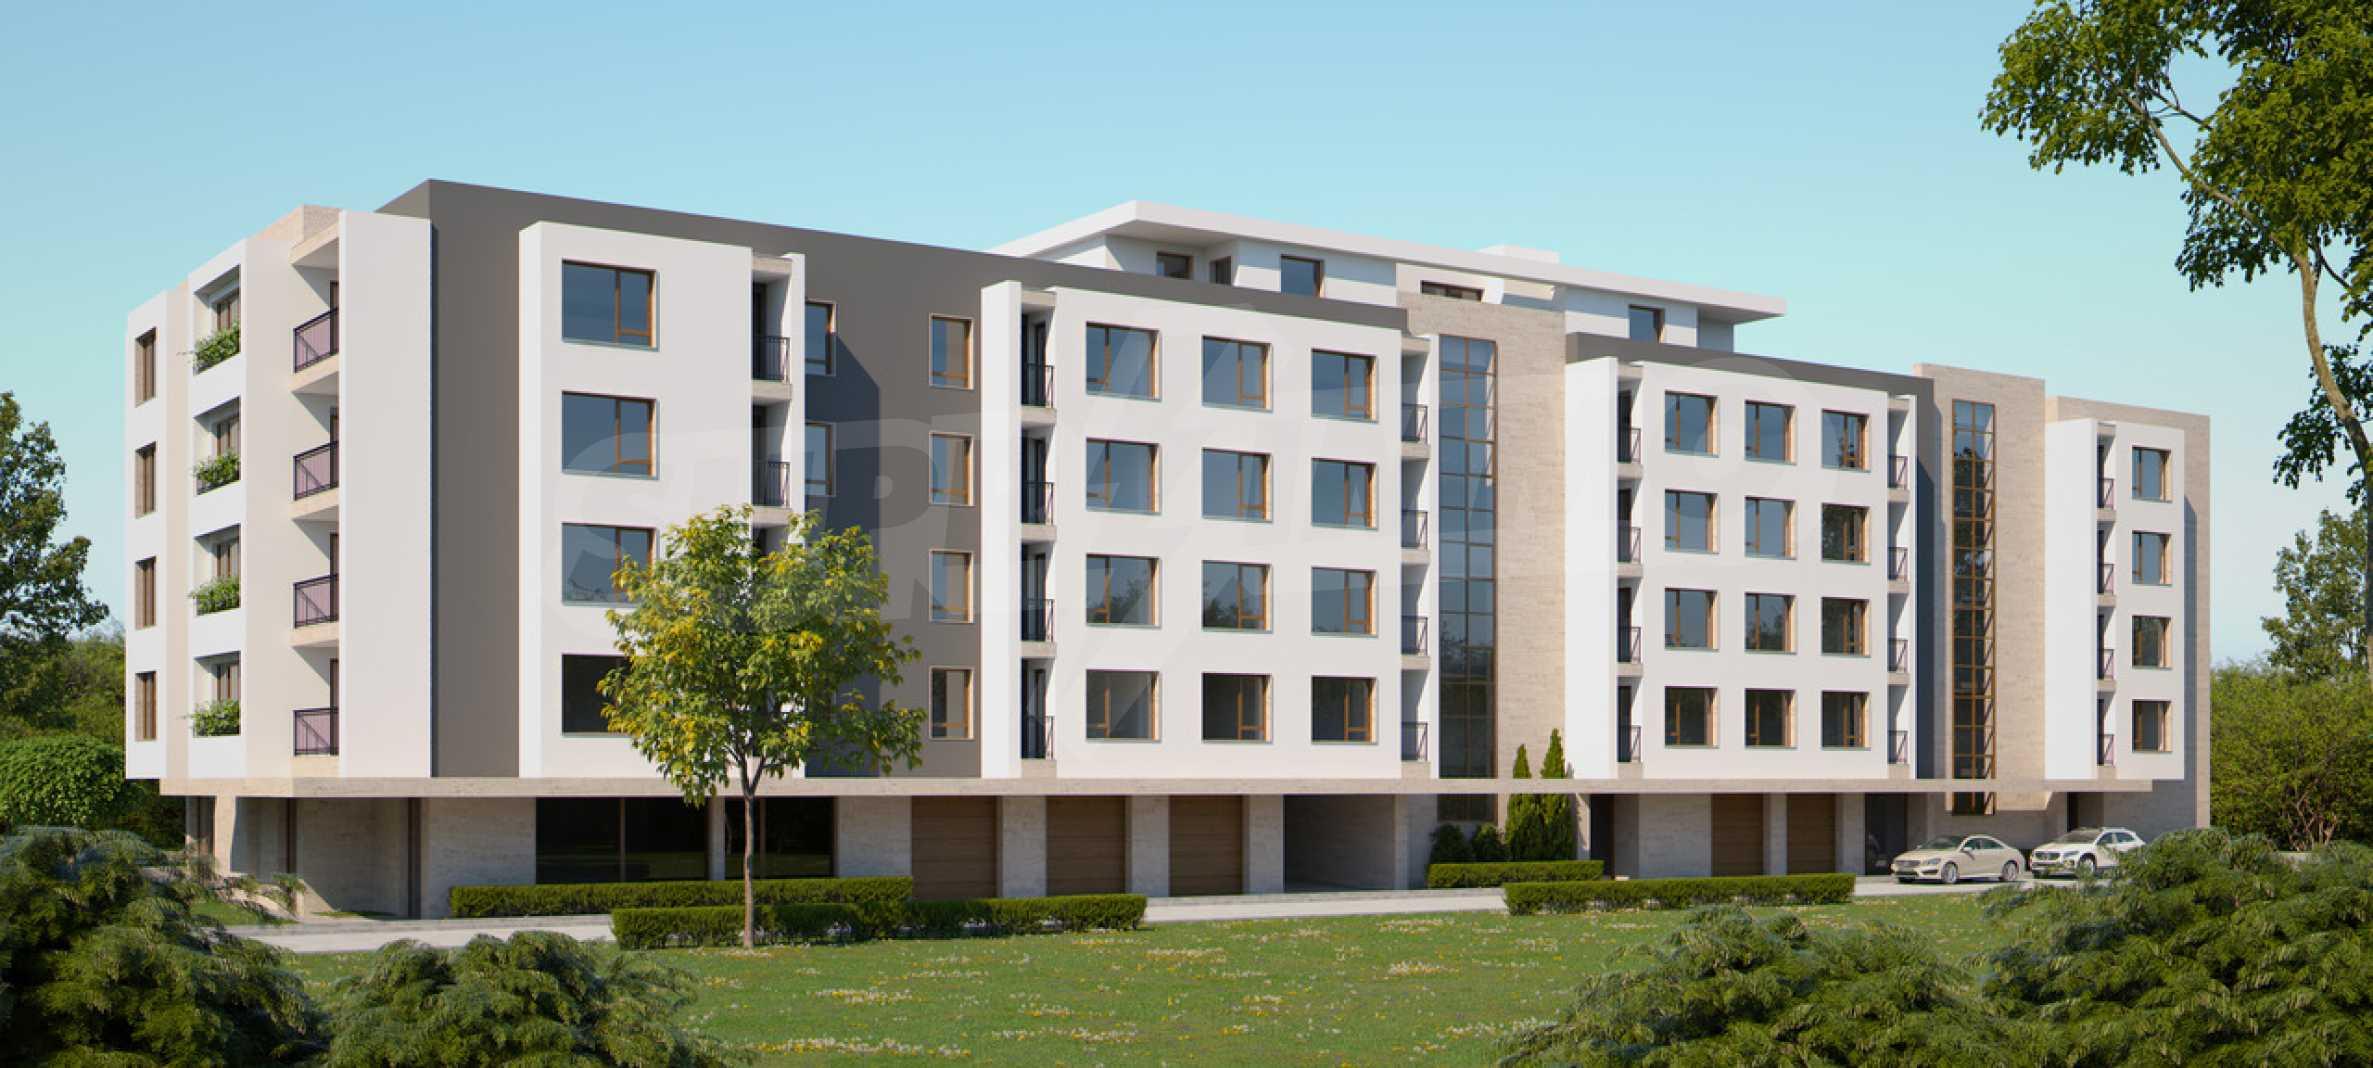 Двустаен апартамент в нова сграда на тиха улица до бул. България 1